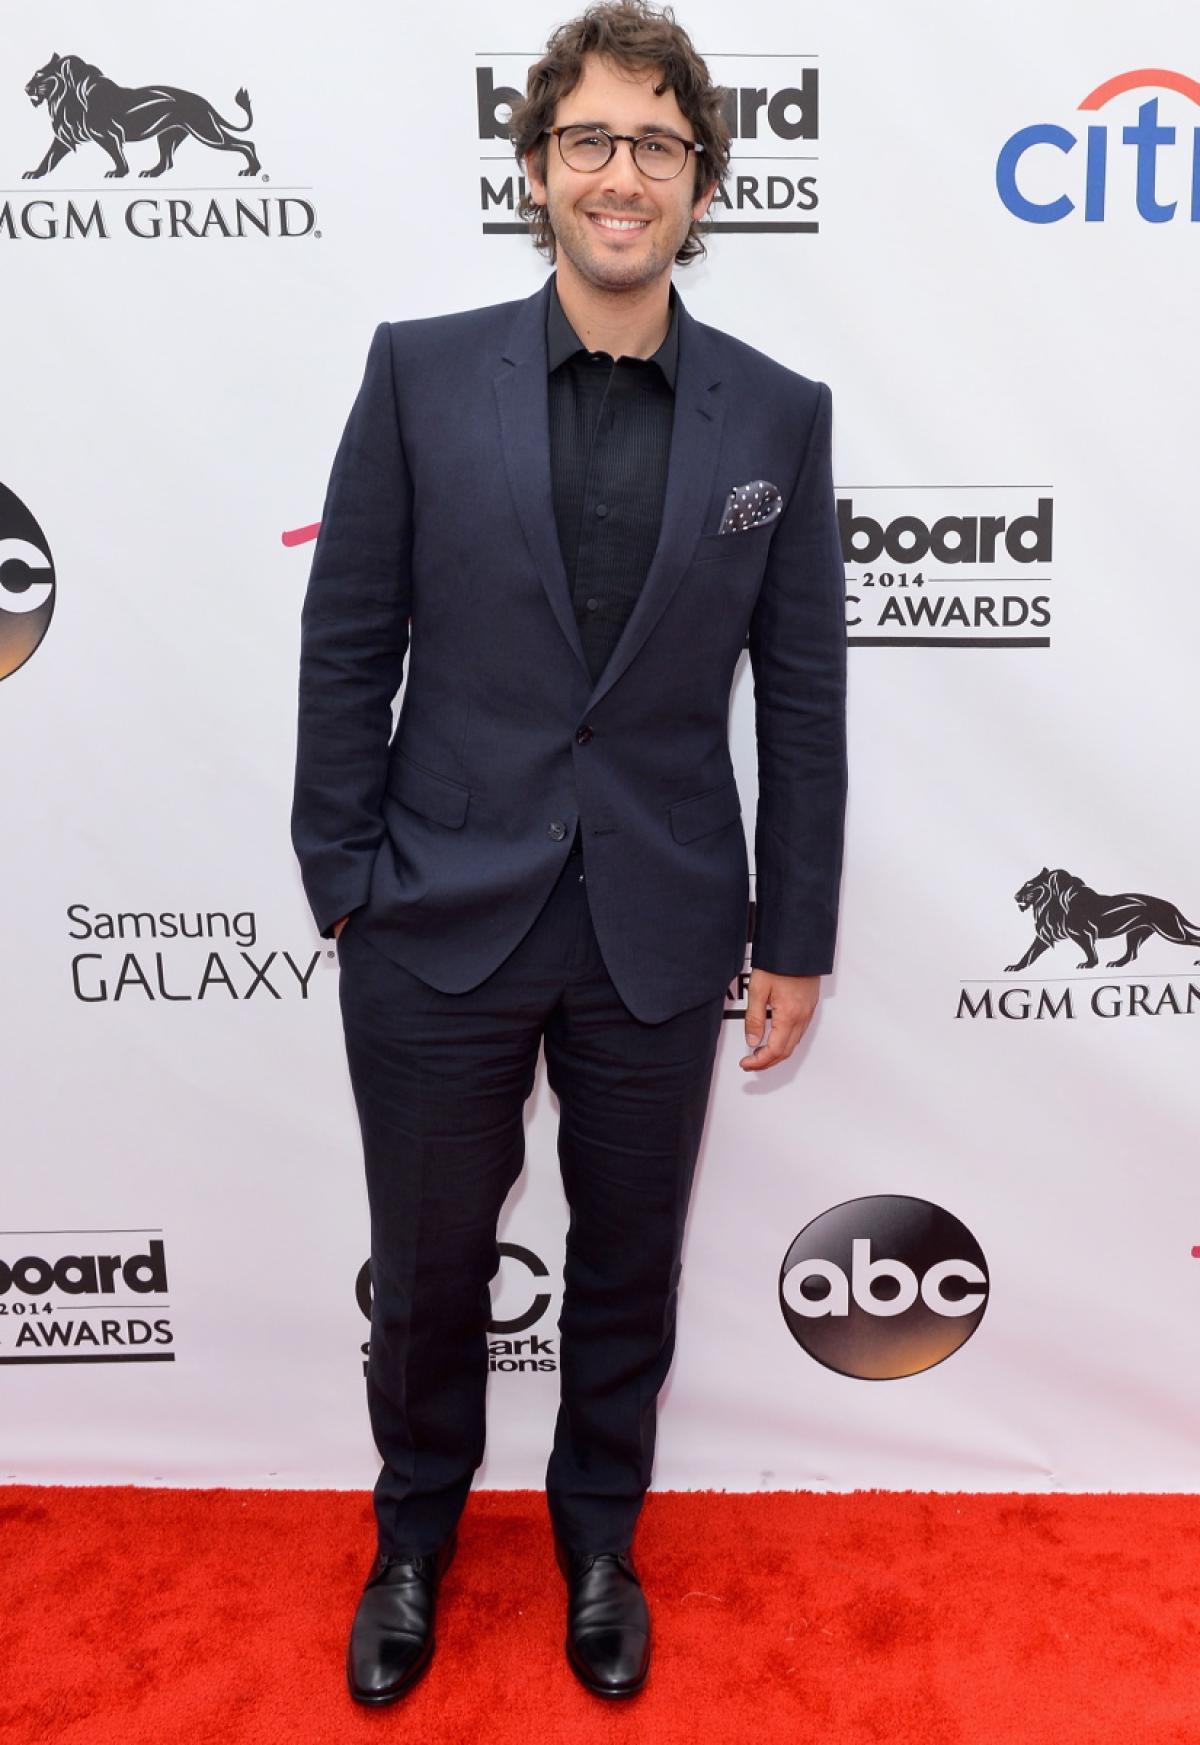 2014 Billboard Award josh-groban